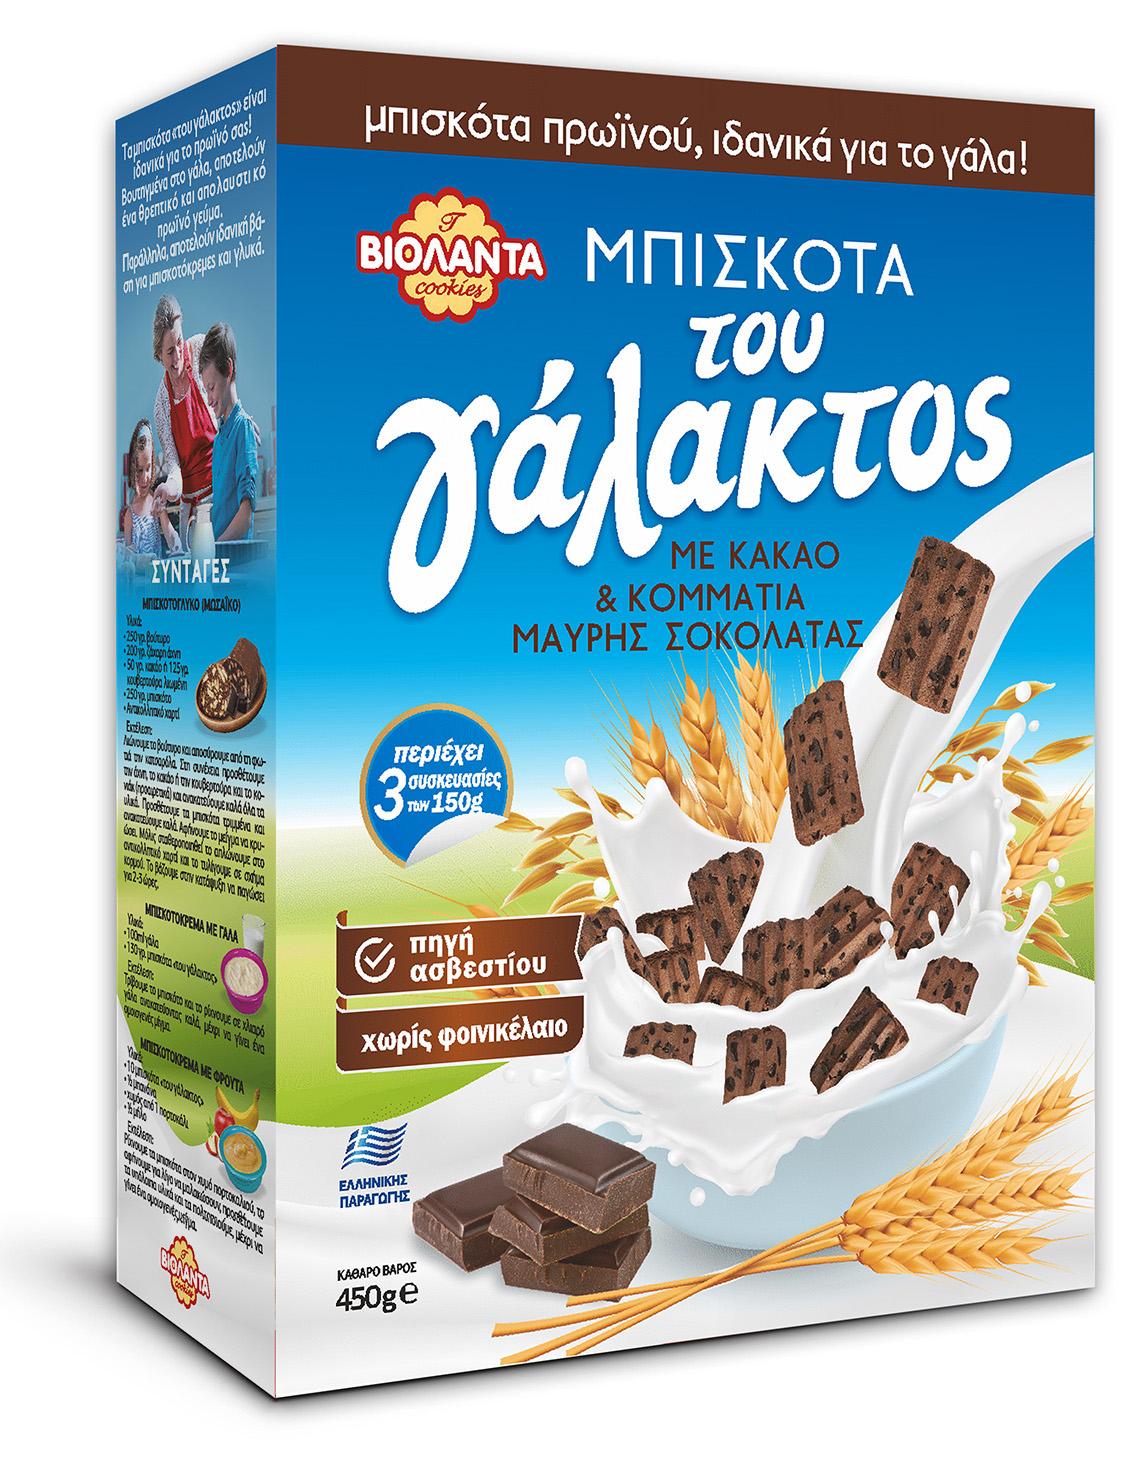 Μπισκότα Γάλακτος με Κακάο & Σοκολάτα Βιολάντα (450g)